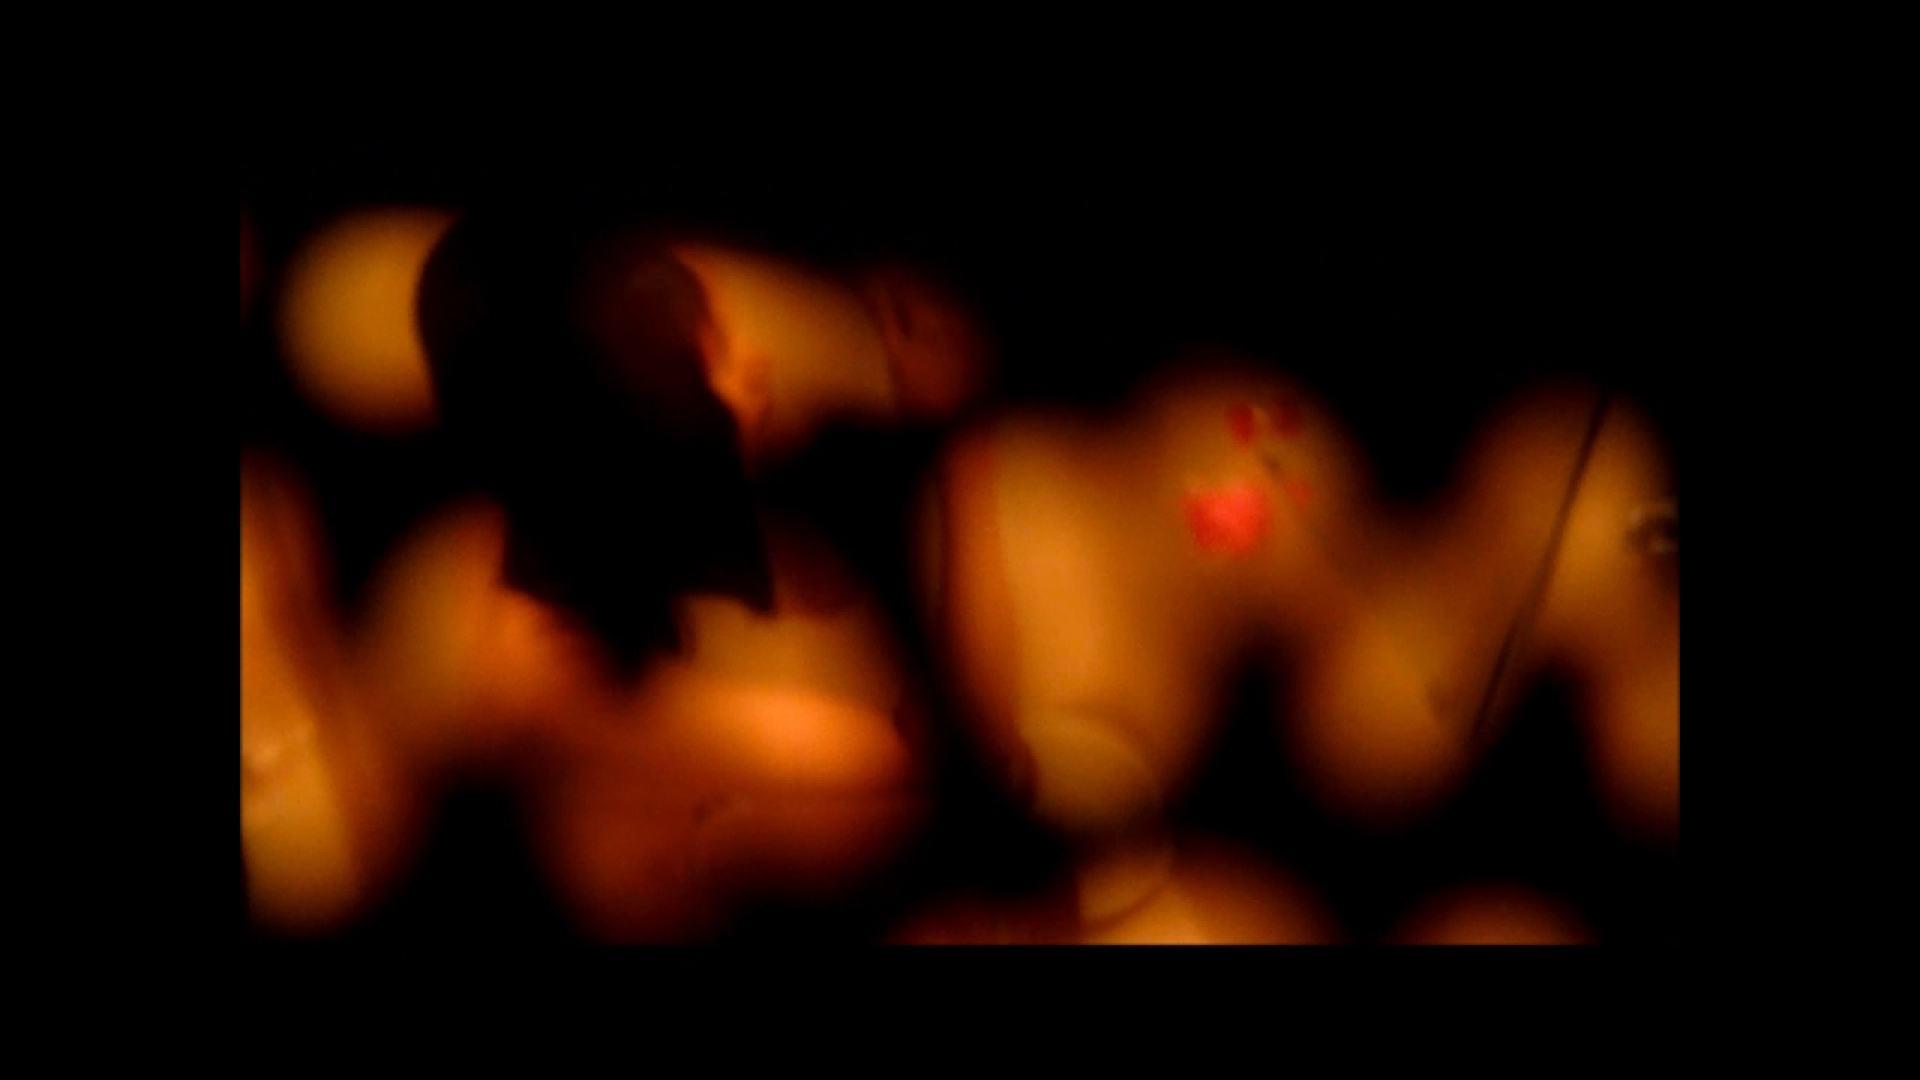 【02】ベランダに侵入して張り込みを始めて・・・やっと結果が出ました。 マンコ・ムレムレ スケベ動画紹介 79pic 78